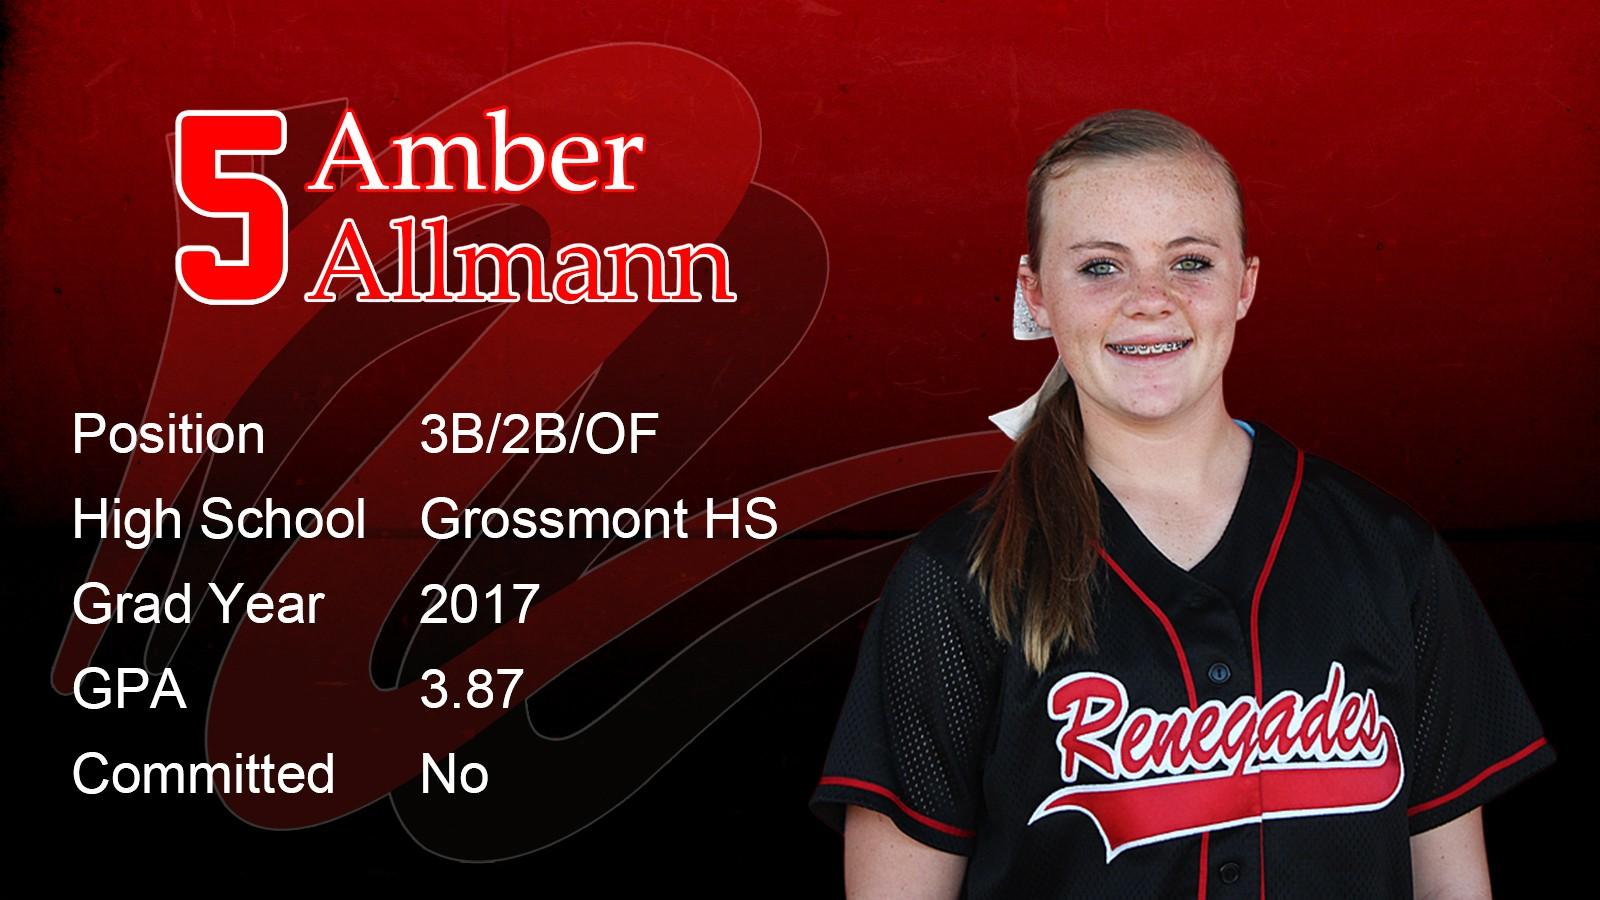 Amber-Allmann